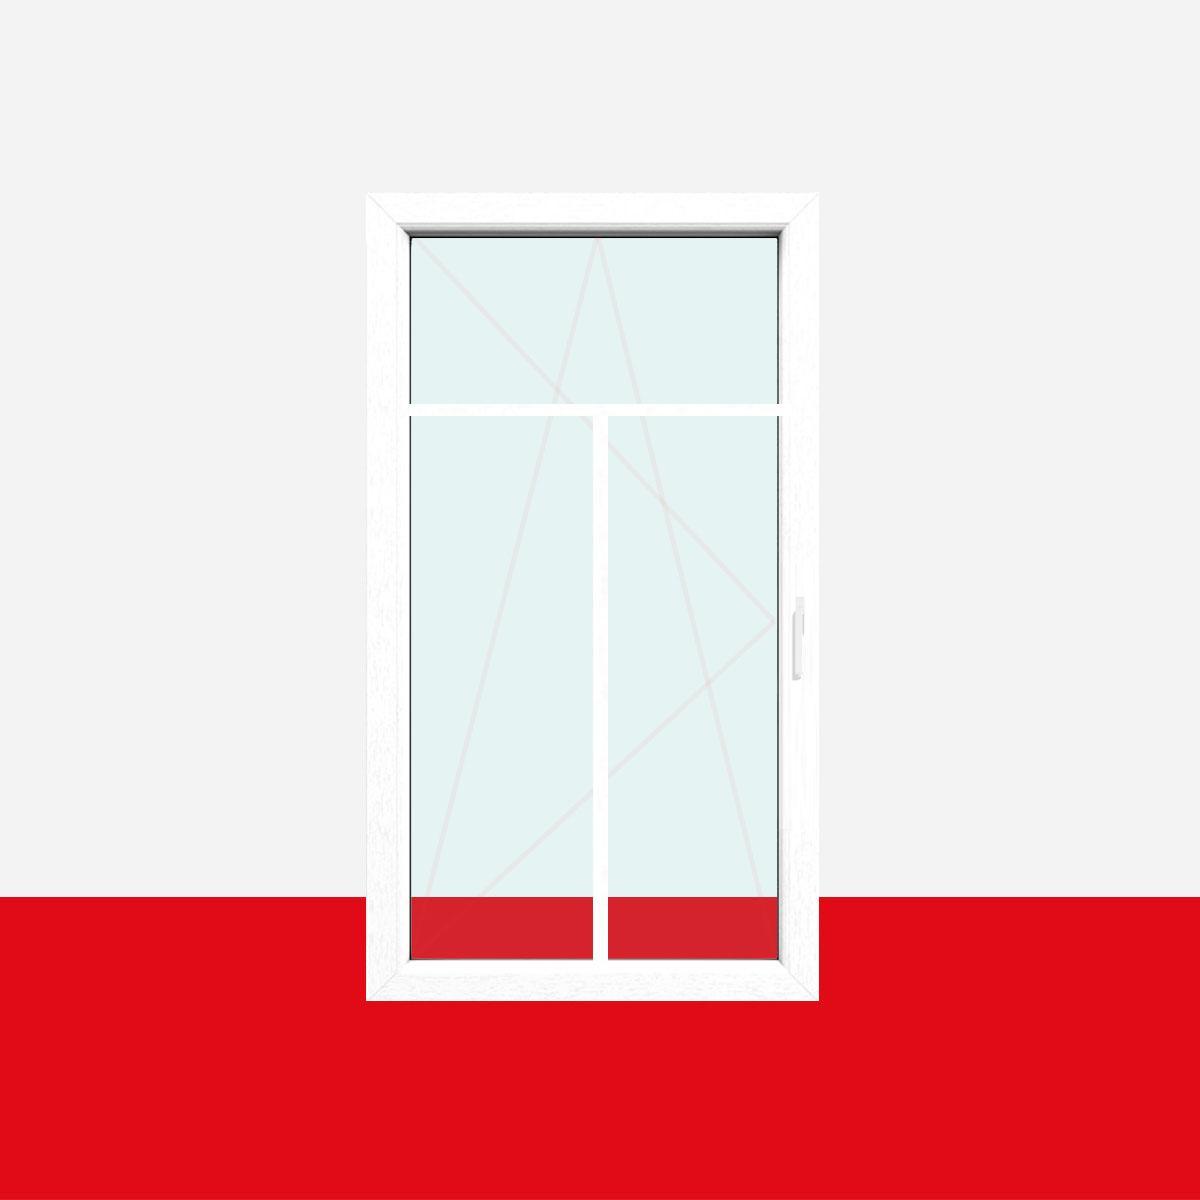 Fenster mit t sprossen  Sprossenfenster Typ 3 Felder Weiß 18mm T-Sprosse 1 flg Dreh-Kipp ...